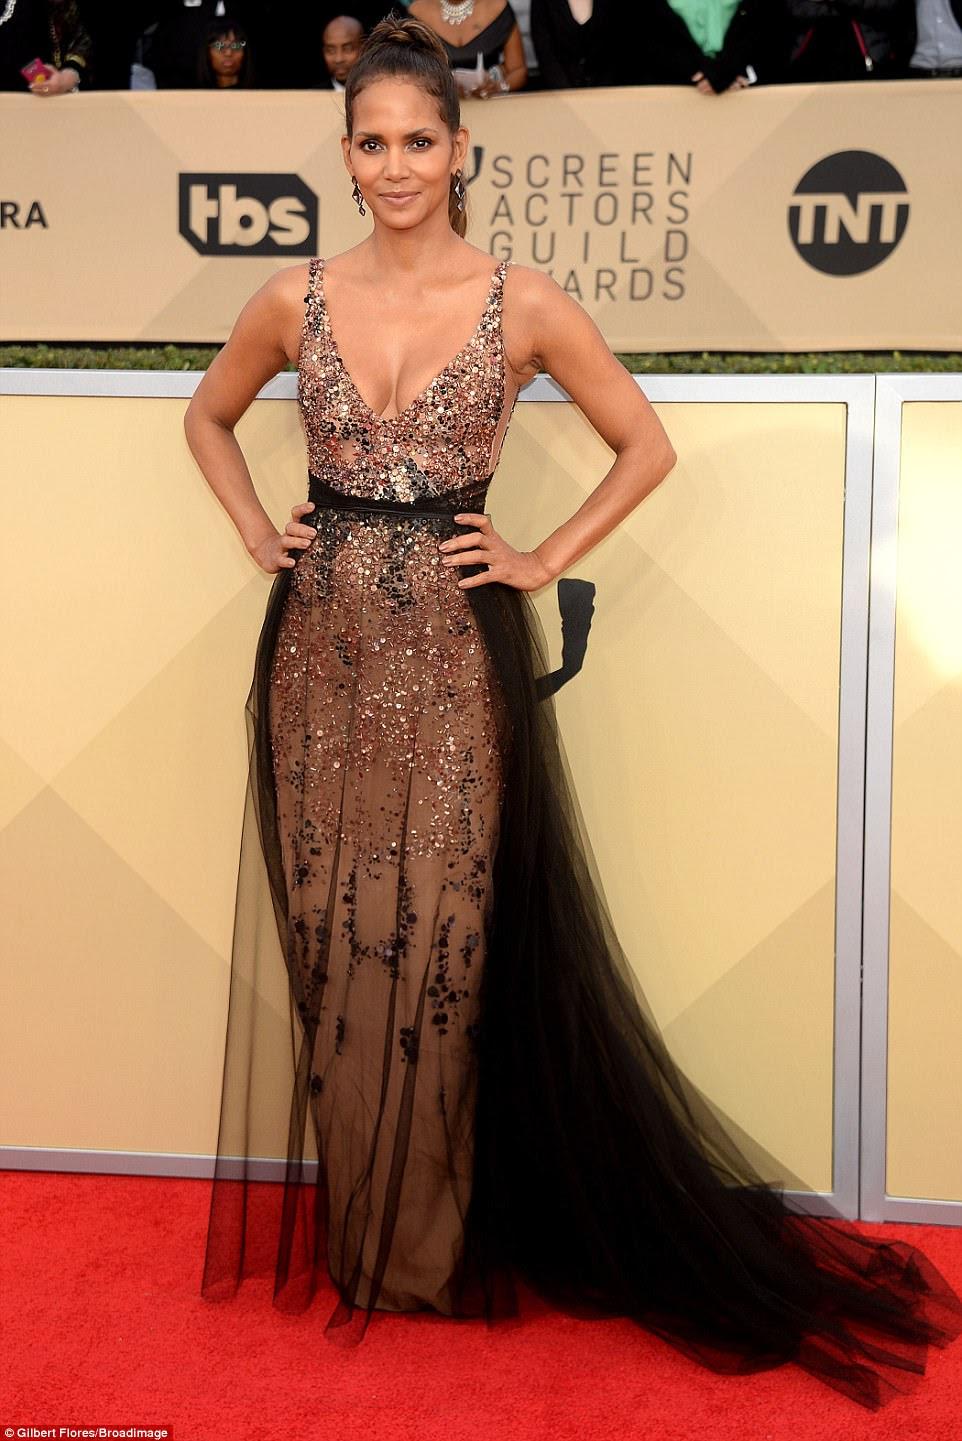 Deusa: Halle, de 51 anos, escolheu um vestido de lantejoulas de bronze com uma saia de sobreposição de renda preta;  a estrela de cinema emparelhou o vestido dramático com os cabelos traseiros puxados e o batom nu